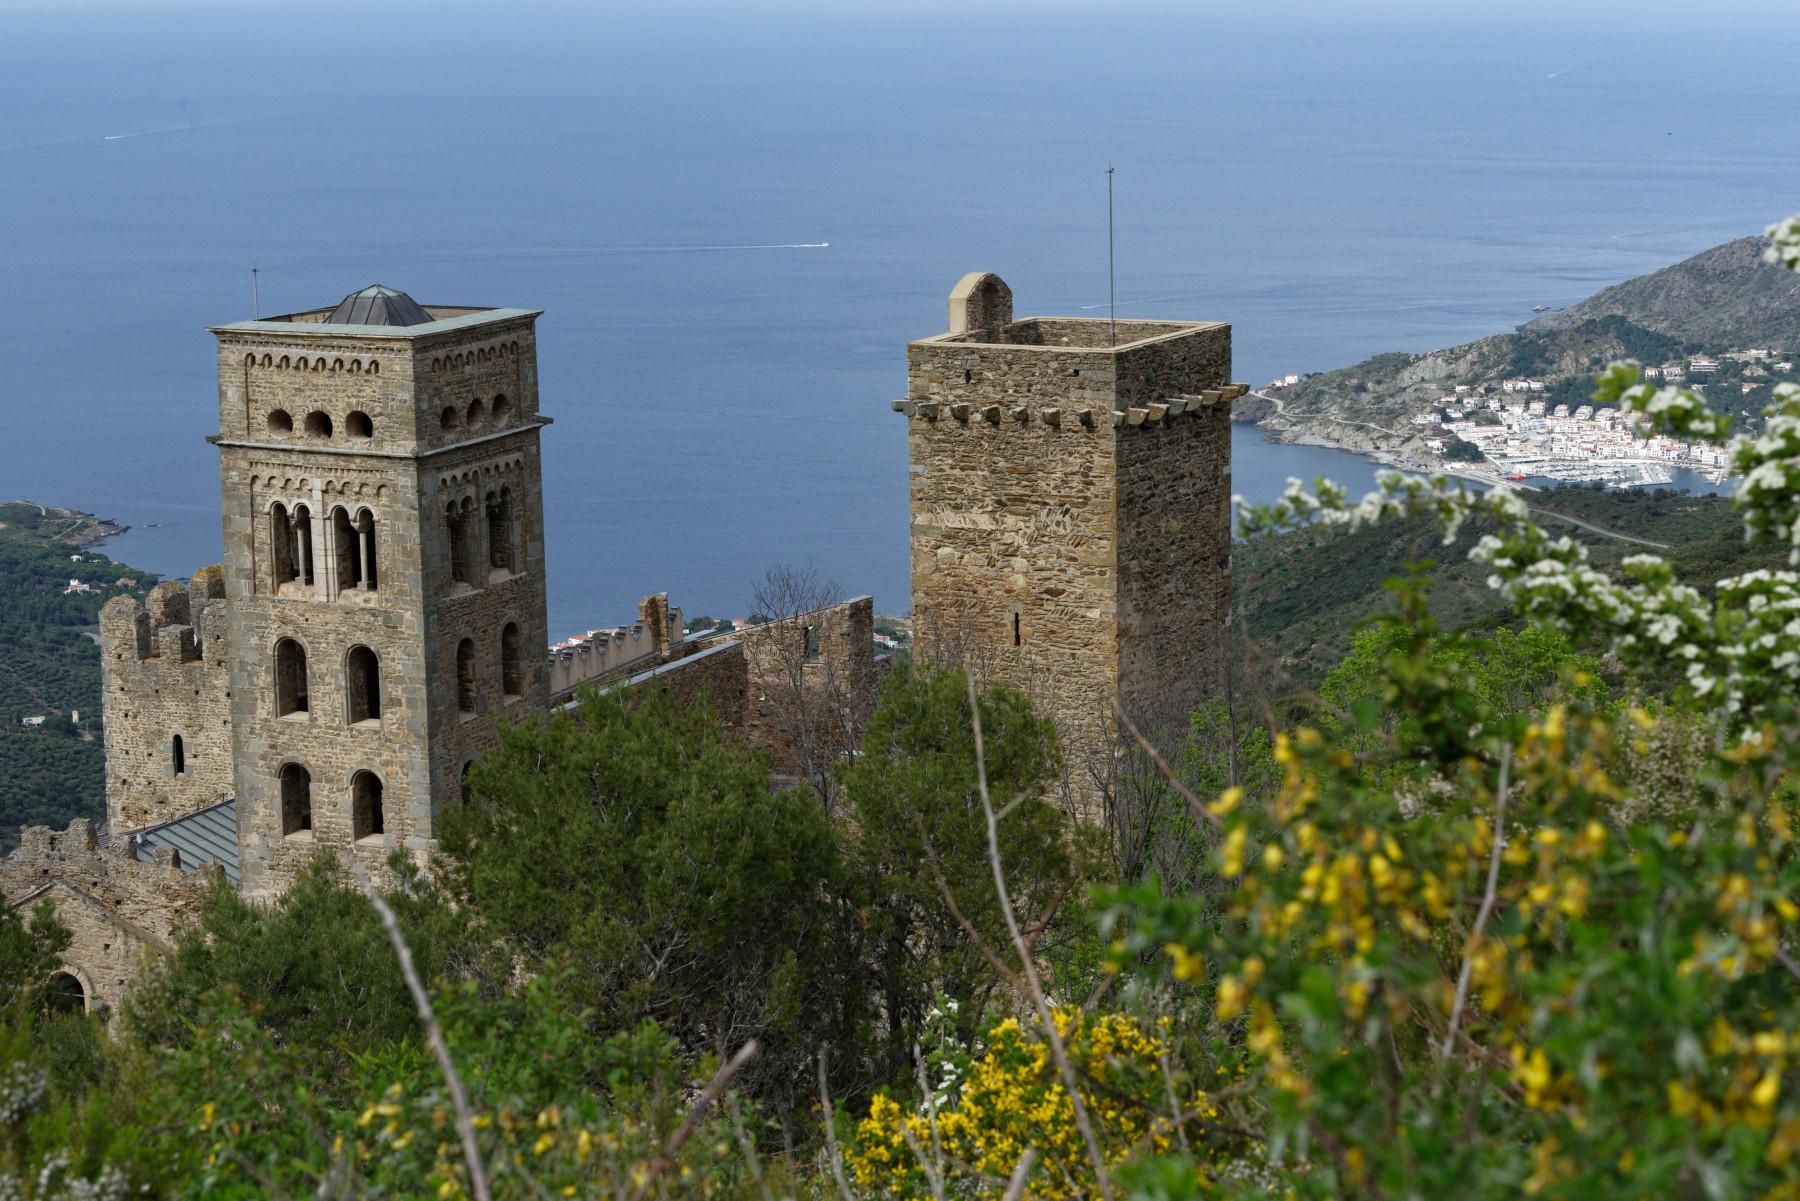 180430-3-Monestir de sant Pedre de Rodes (27) (Catalogne-Espagne)